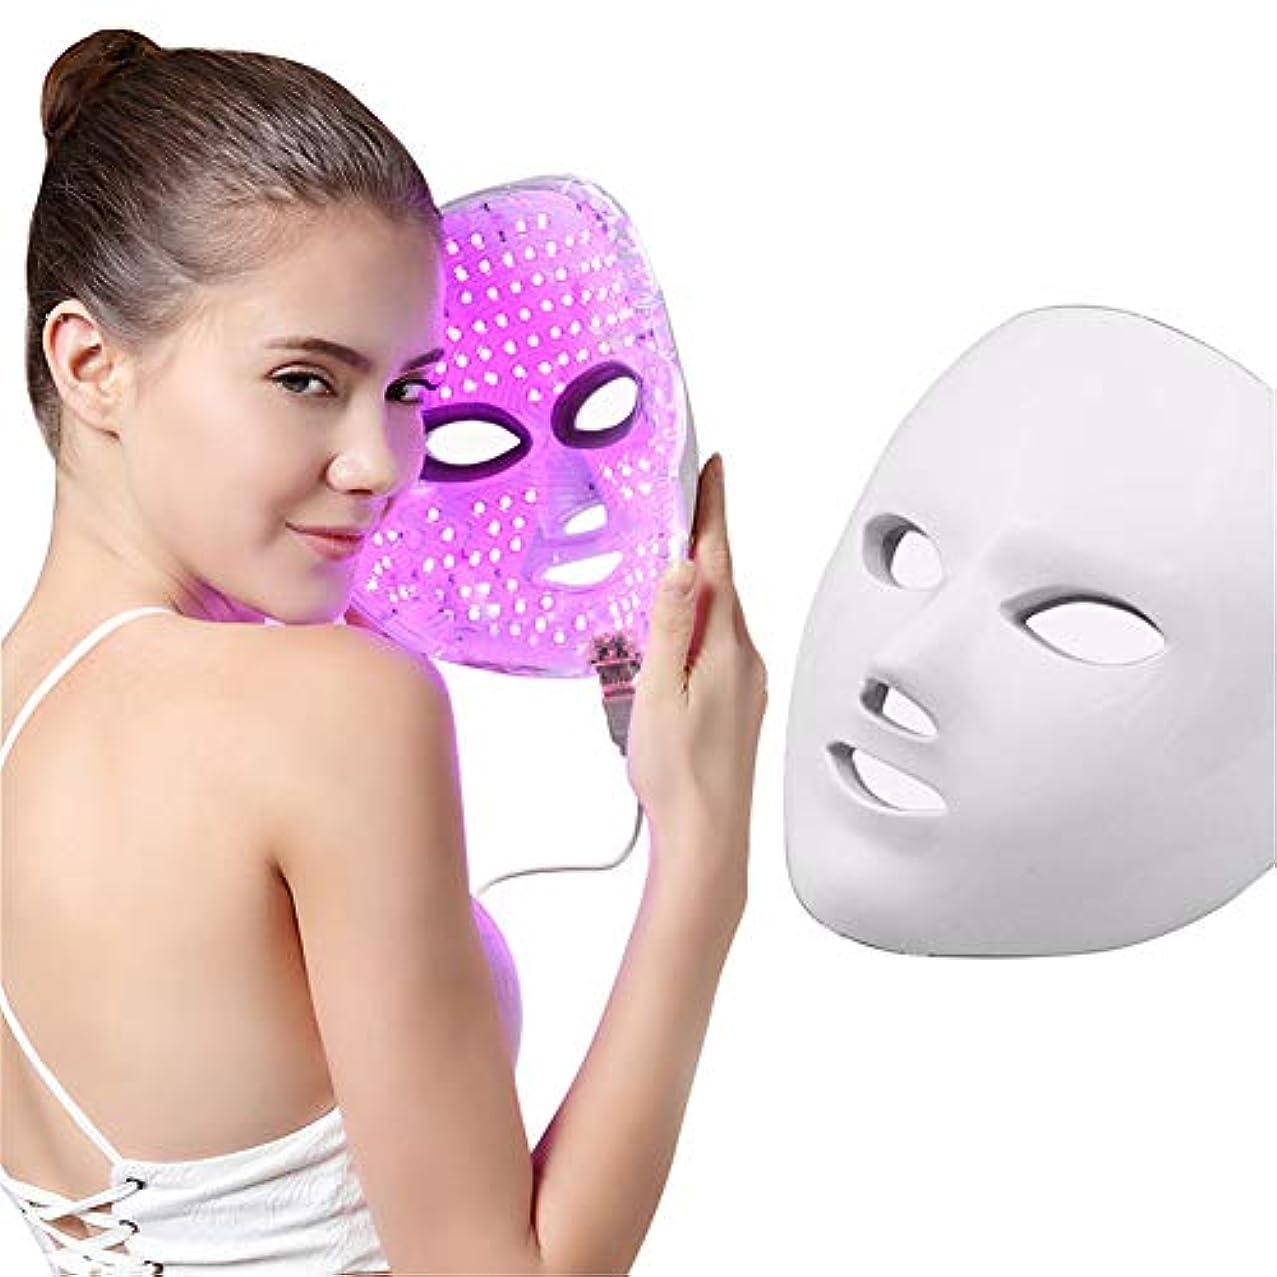 検出する注釈愛されし者7色ledマスク若返りにきび除去しわライト美容マスクled光線療法マッサージフェイシャルケア機付きリモコン